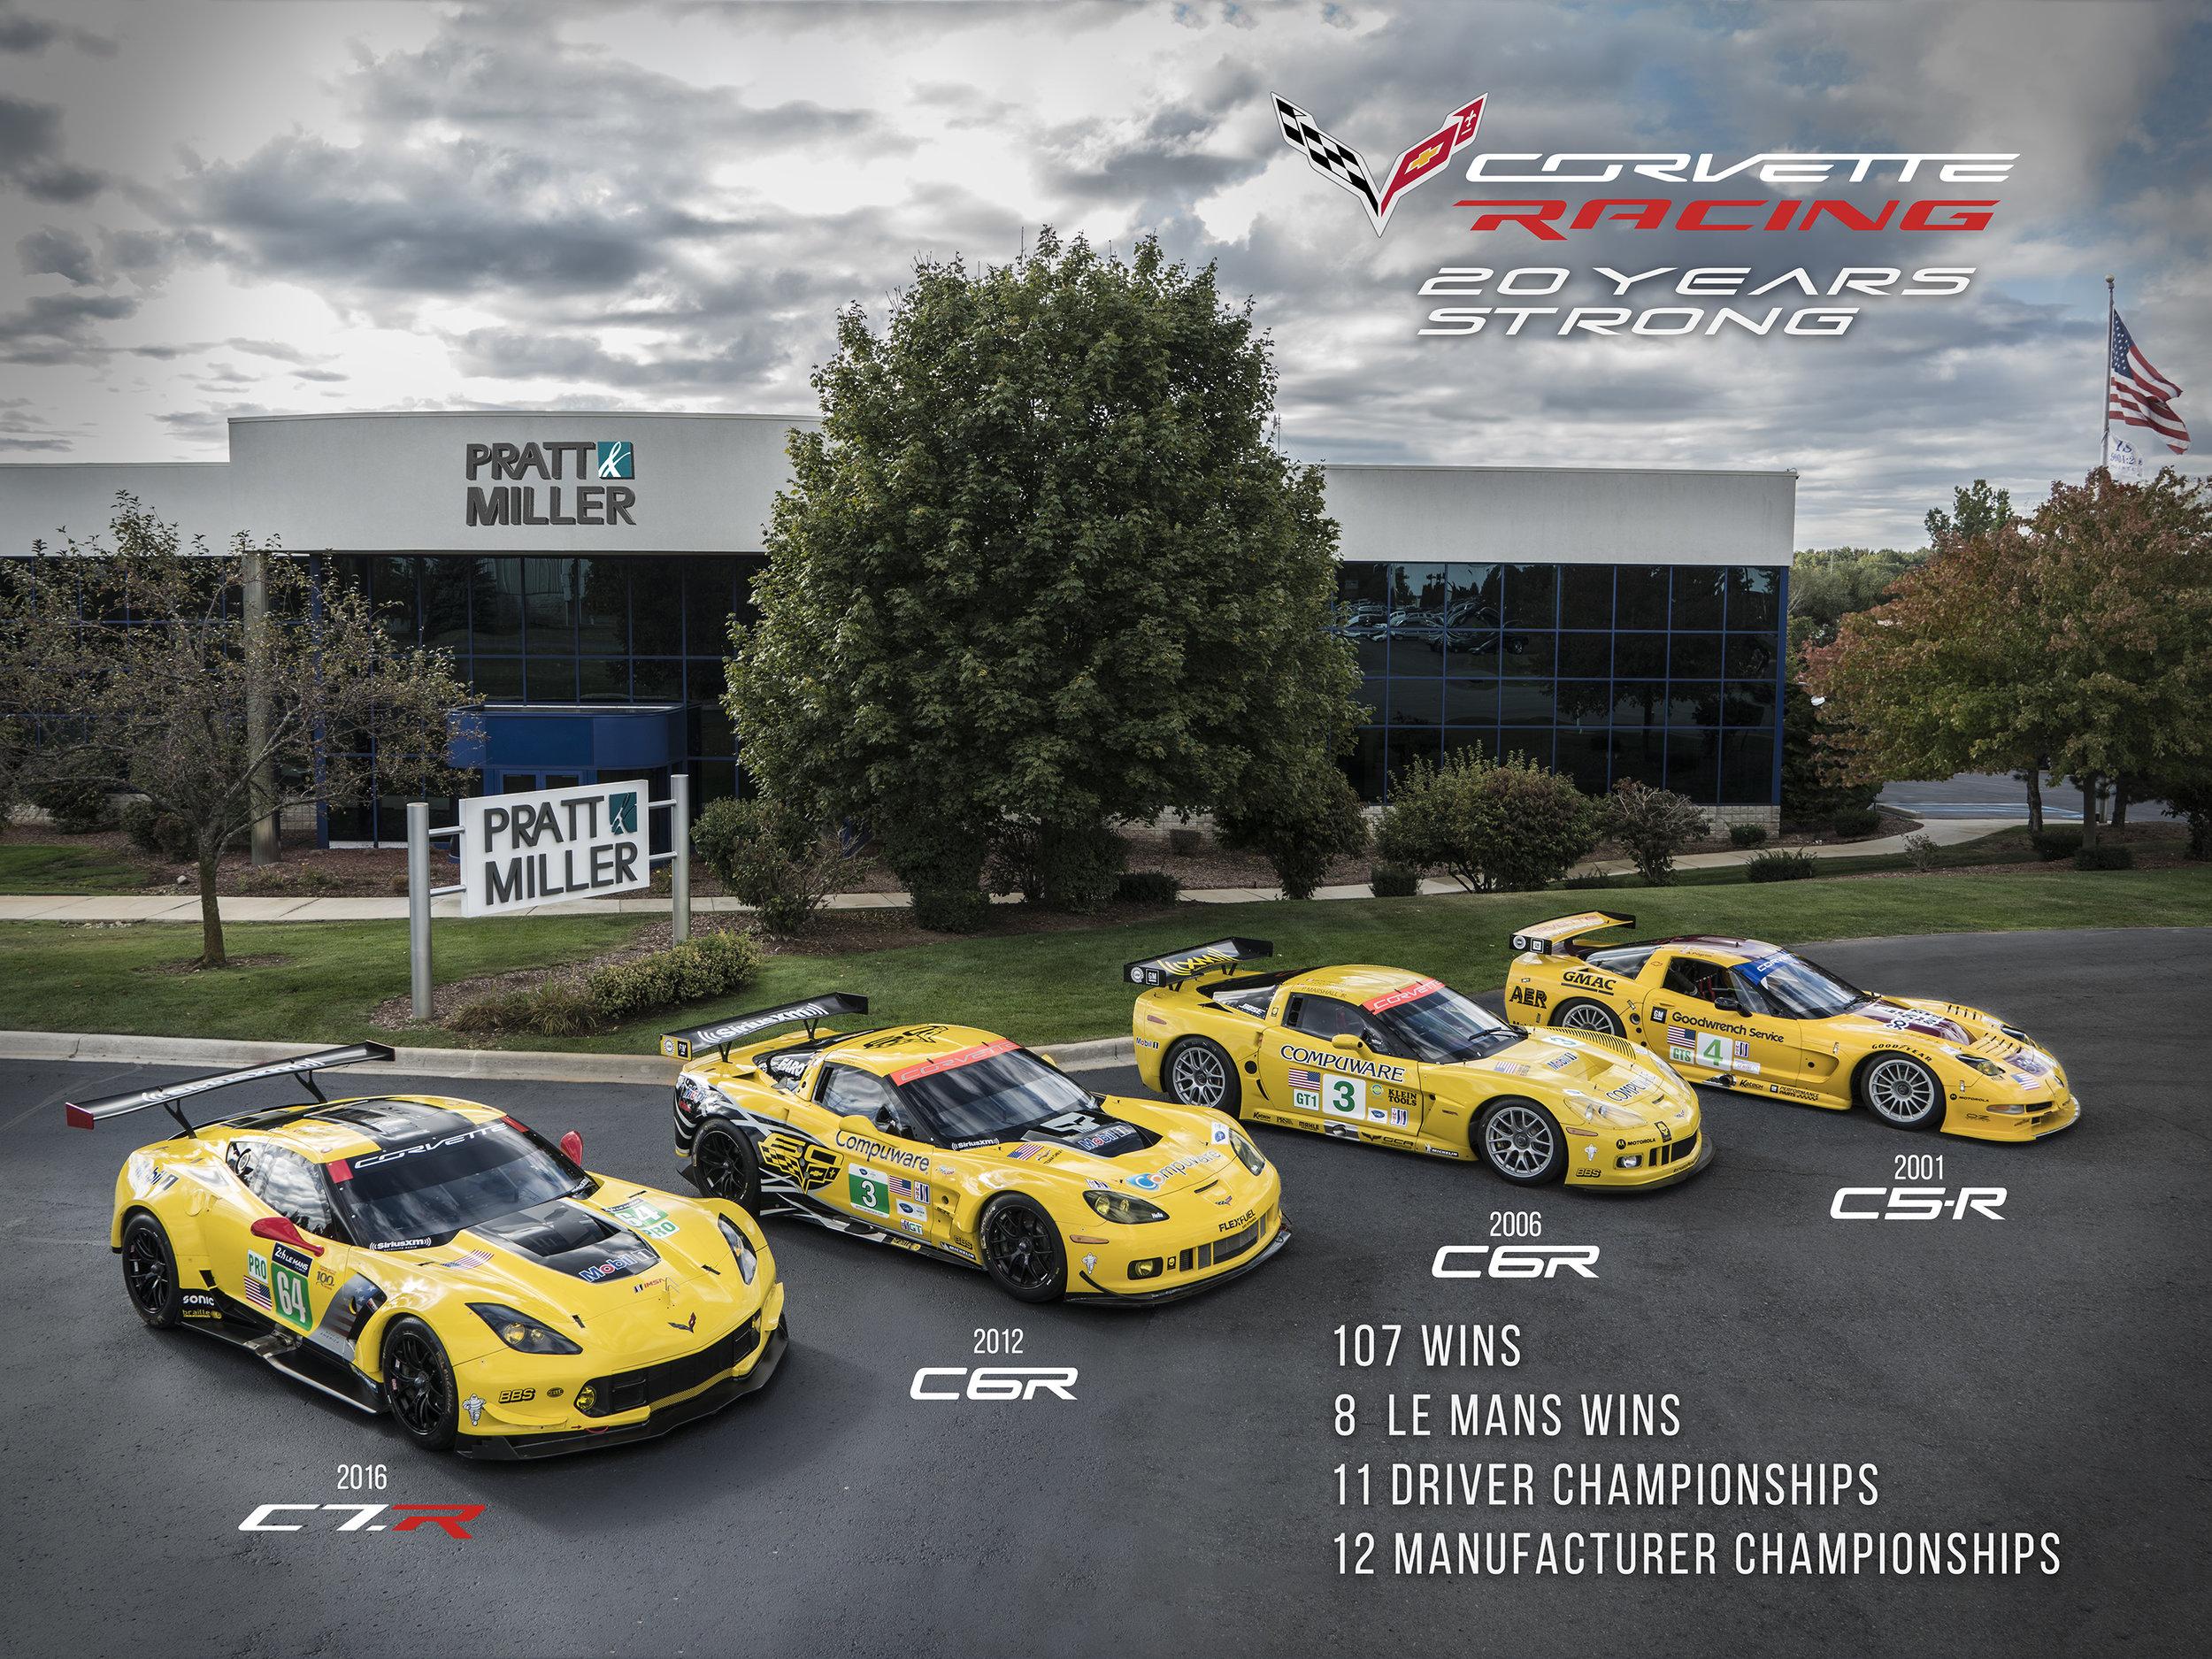 Corvette Racing 20 Year poster